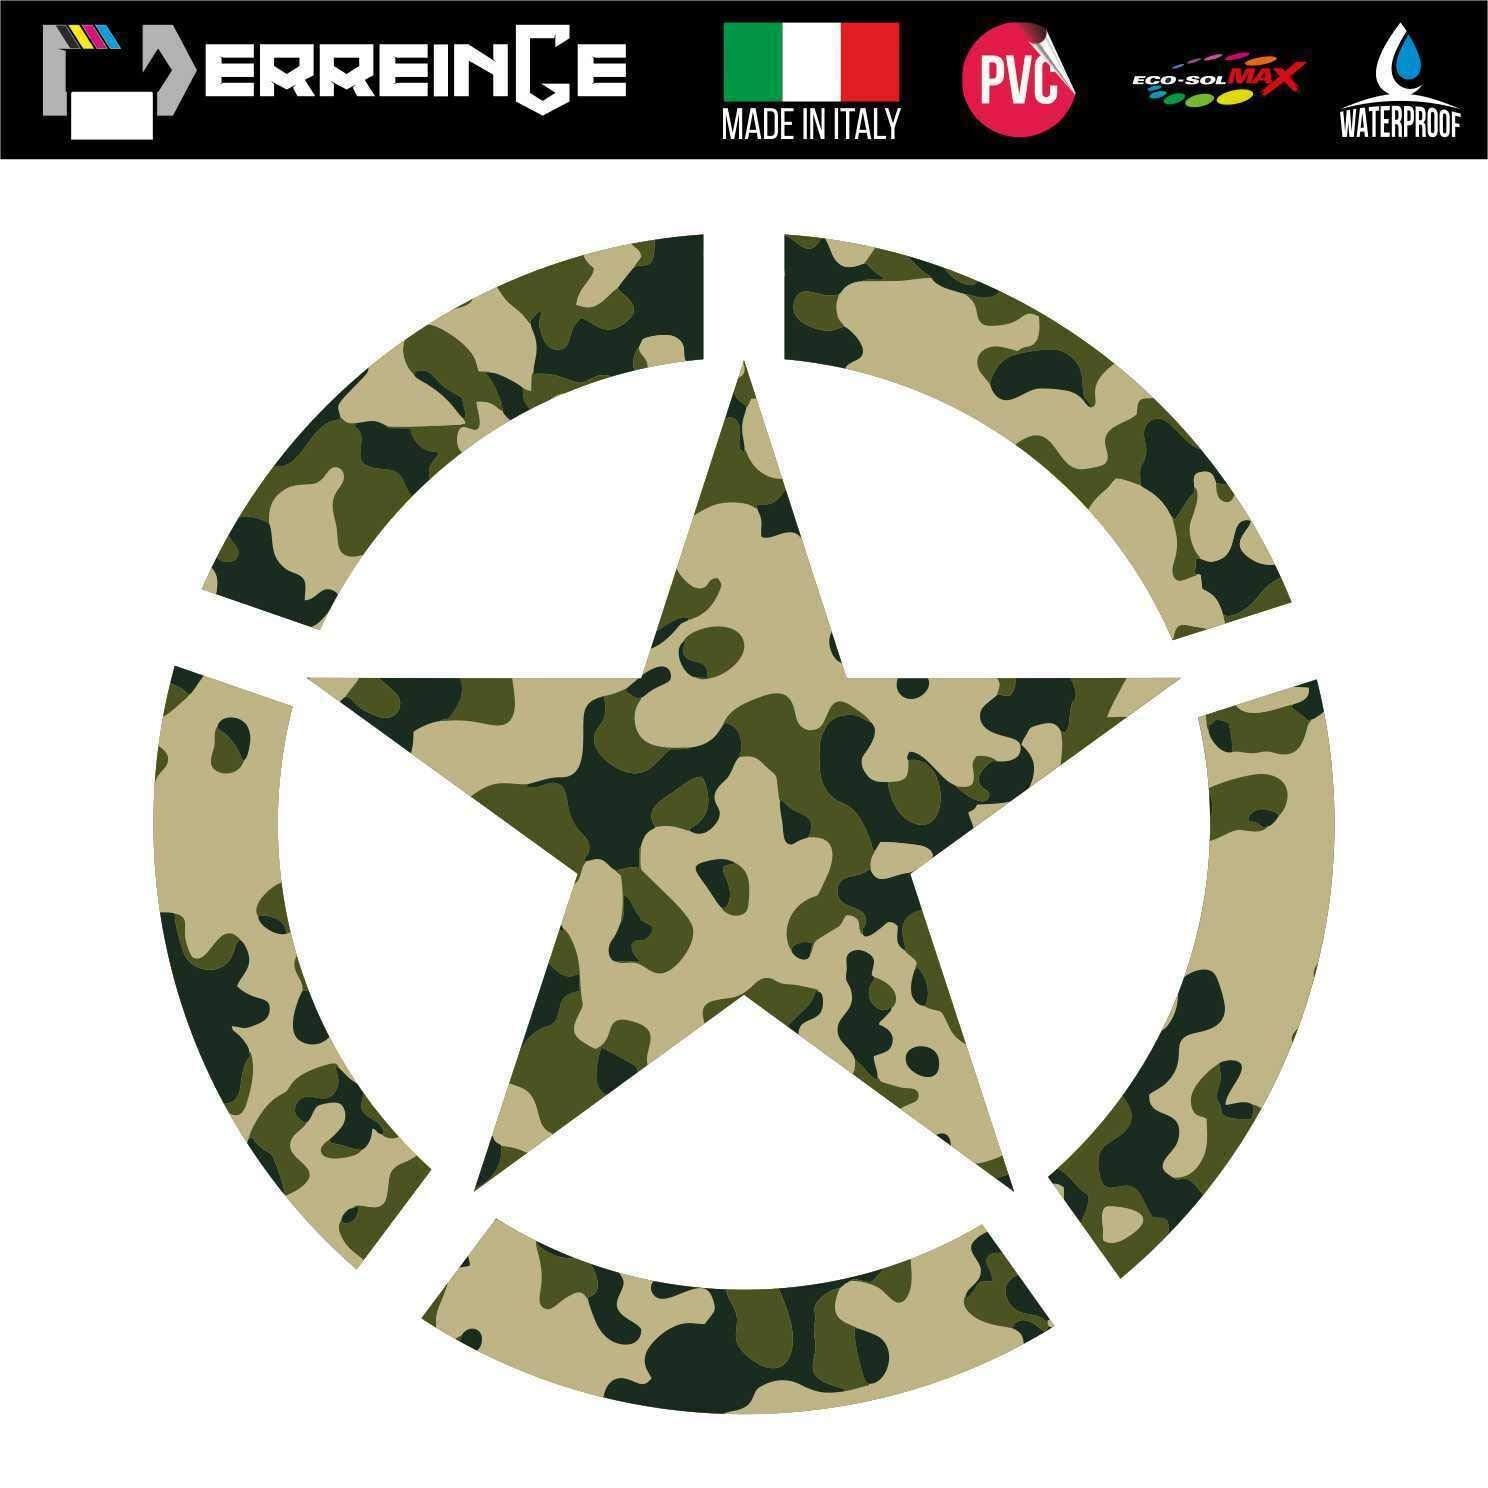 erreinge Sticker Stella Militare Camouflage Army Adesivo Stampato su PVC per Decalcomania Parete Murale Auto Moto Casco Camper Laptop cm 35